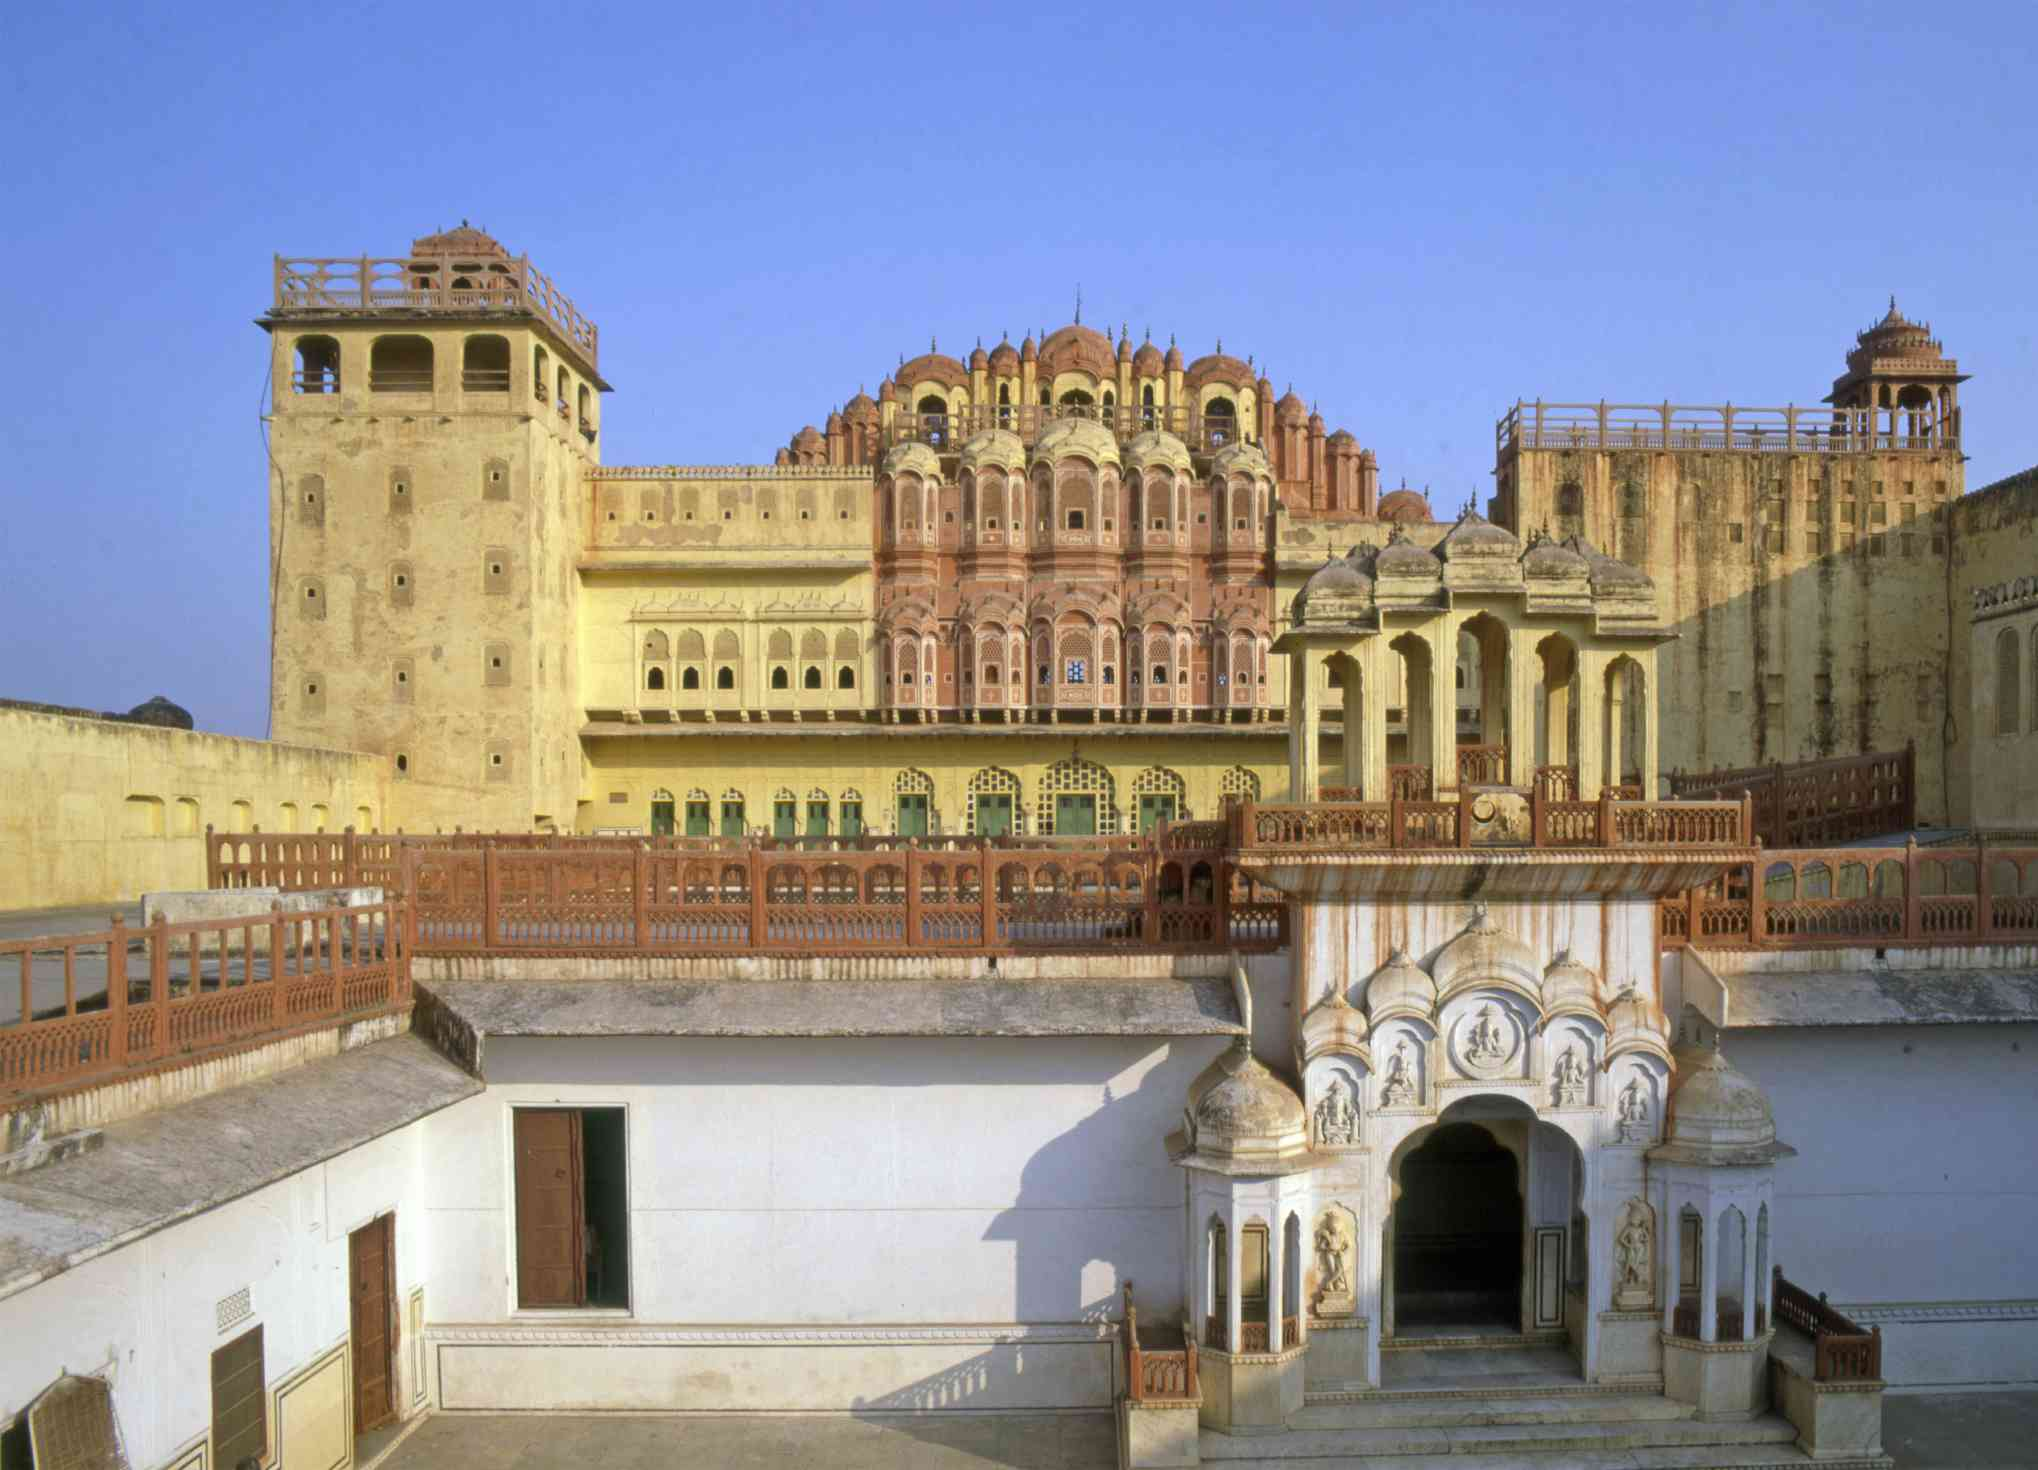 Hawa Mahal, Palace of the Winds